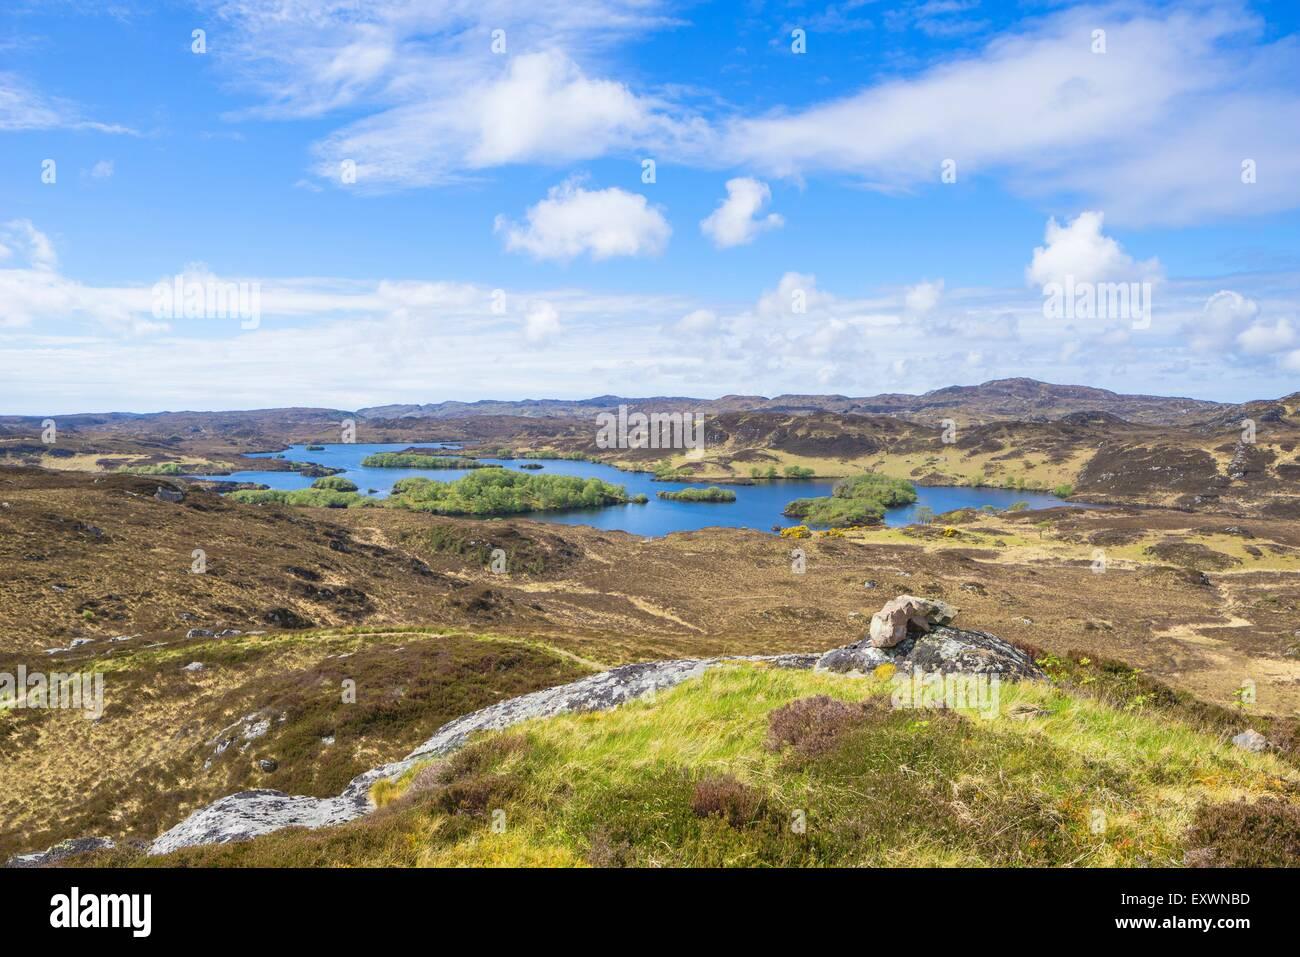 Loch ein t-Sabhail Schaltung und Loch Beannach, Schottland, Großbritannien, Europa Stockbild